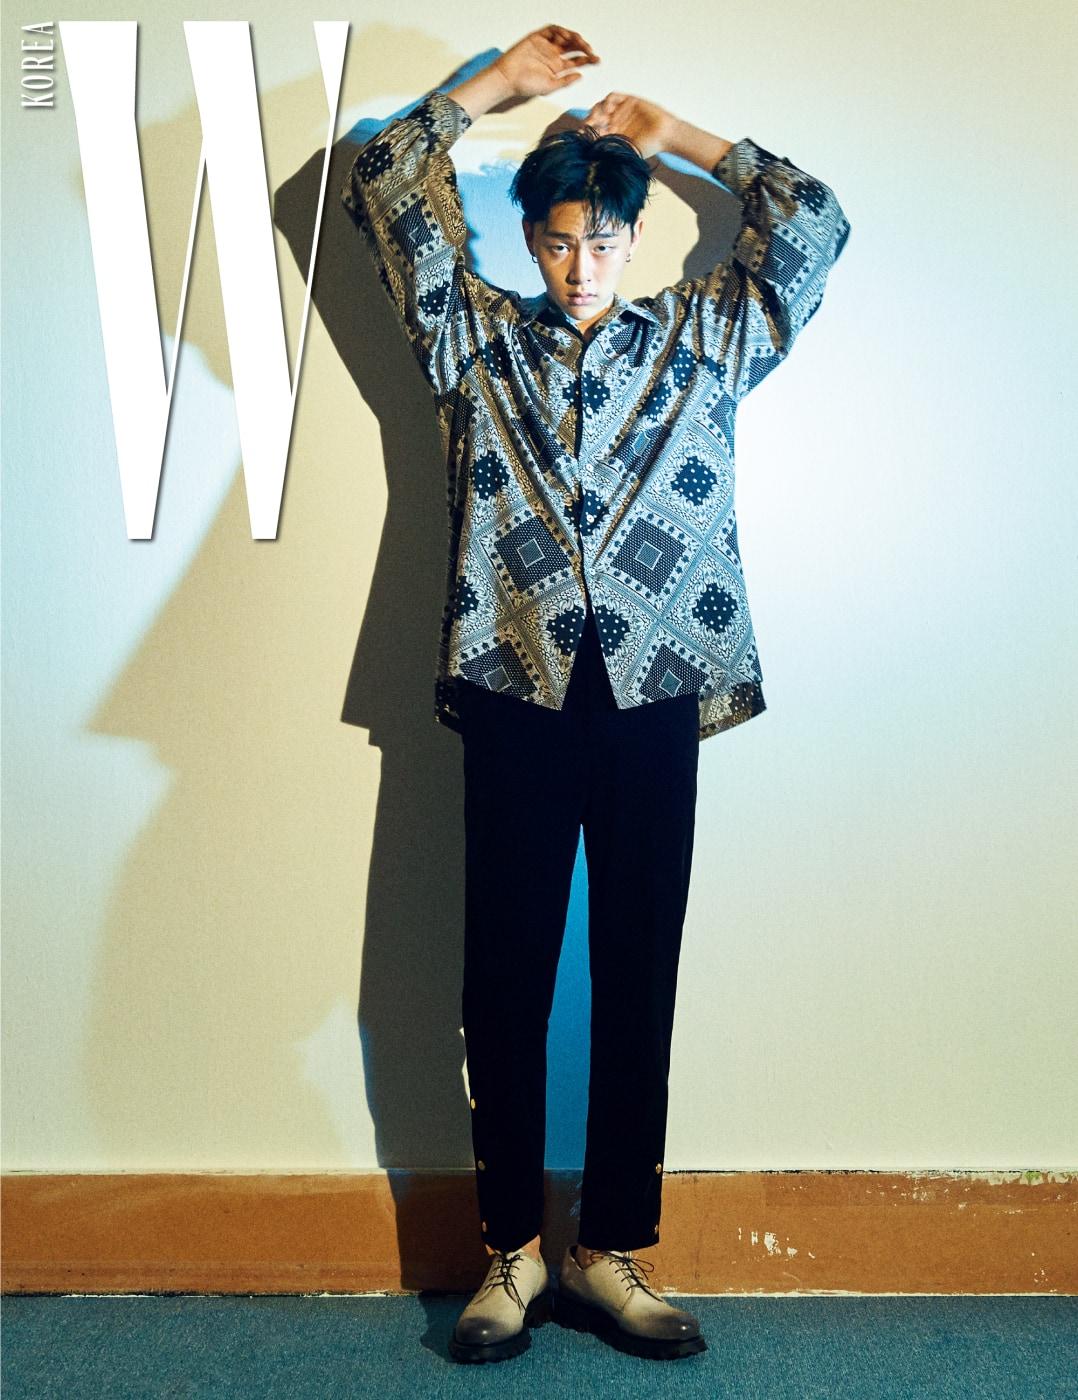 넉넉한 핏의 반다나 패턴 셔츠와 버튼 장식 코듀로이 팬츠는 올디너리 피플, 그러데이션 슈즈는 살바토레 페라가모 제품.